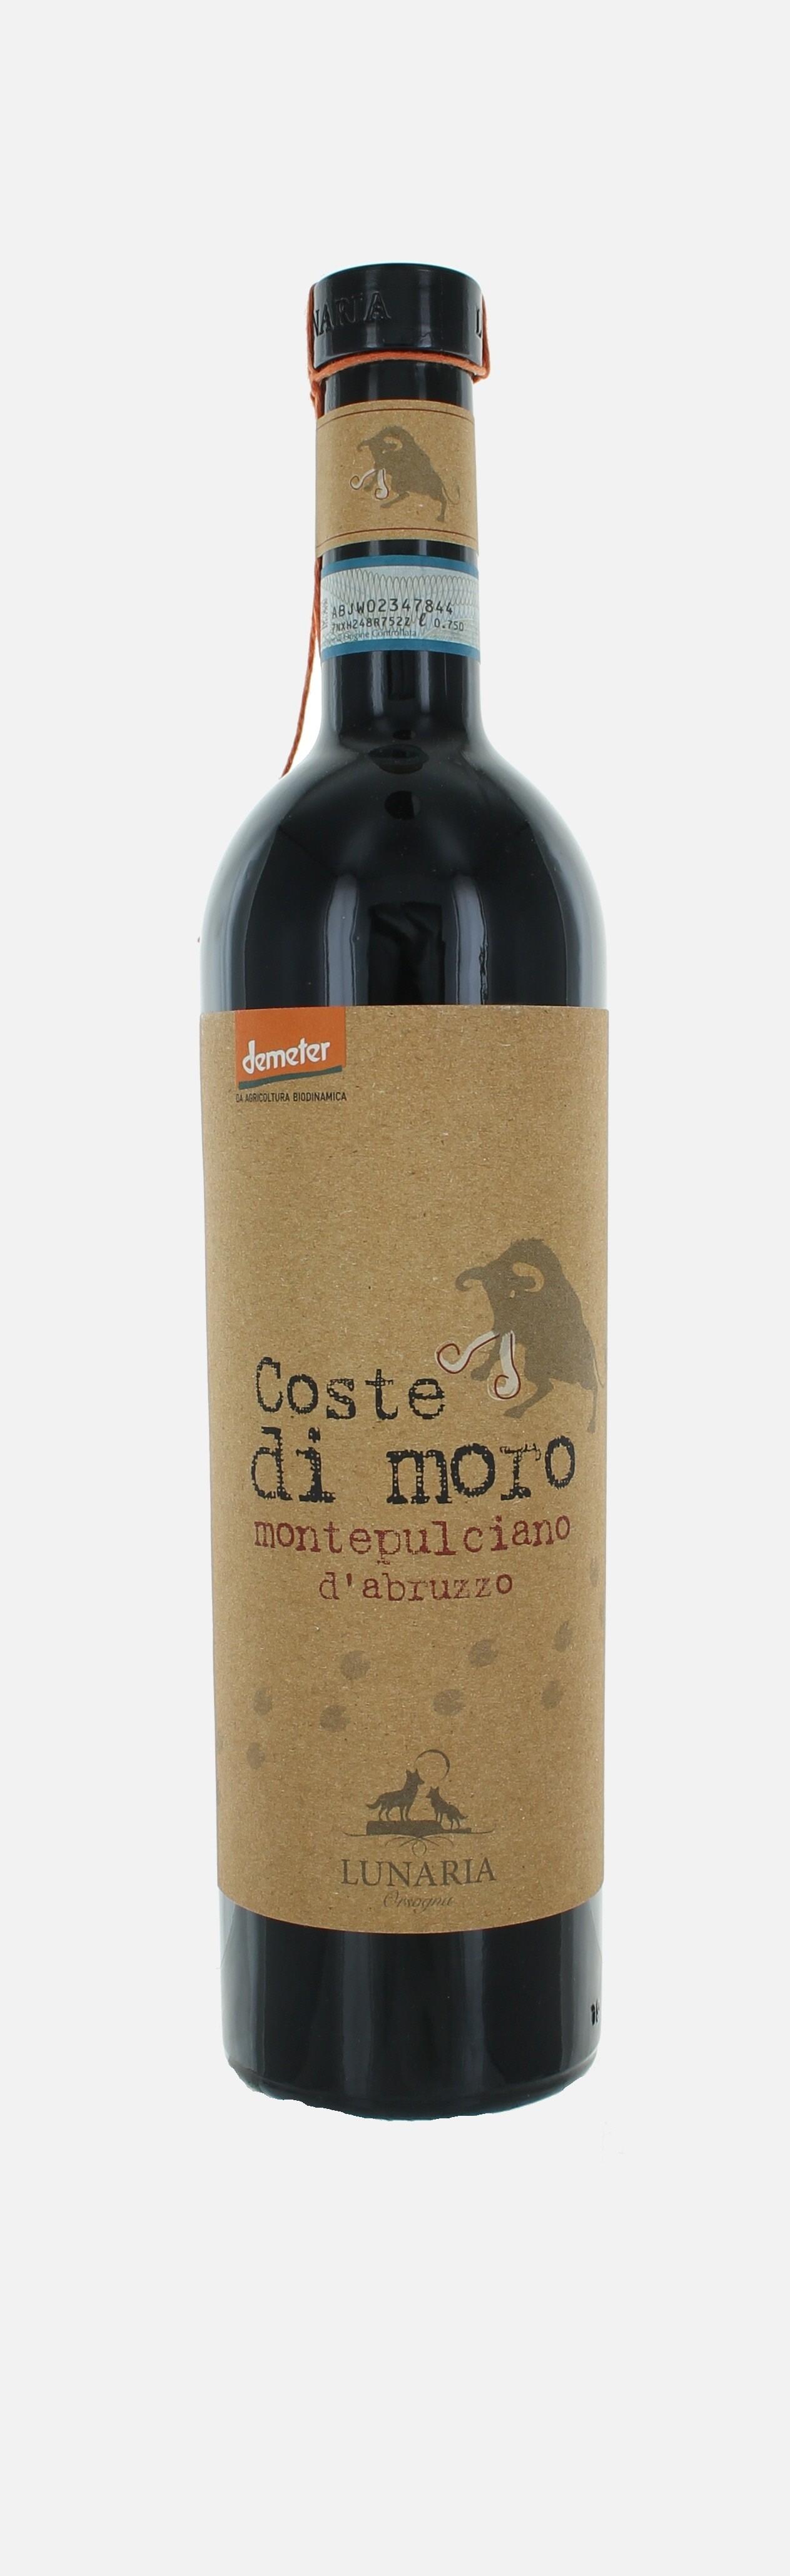 Coste di Moro,  Montepulciano d'Abruzzo, Lunaria